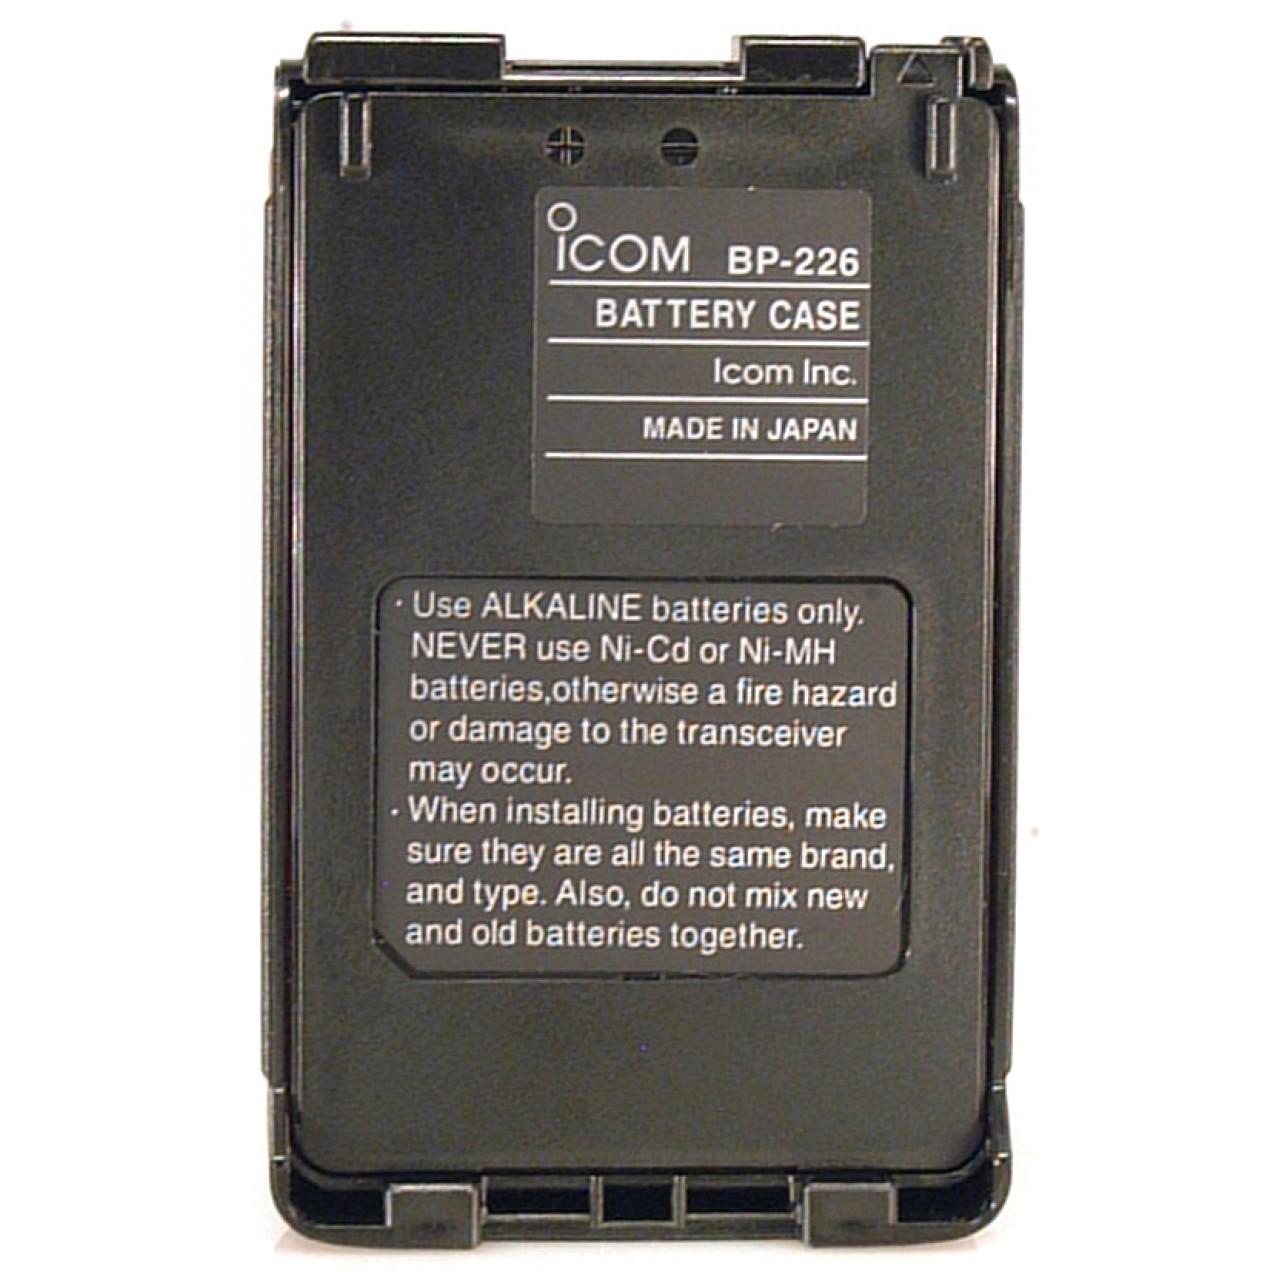 BP-226 Batteries et boitiers piles - ICOM